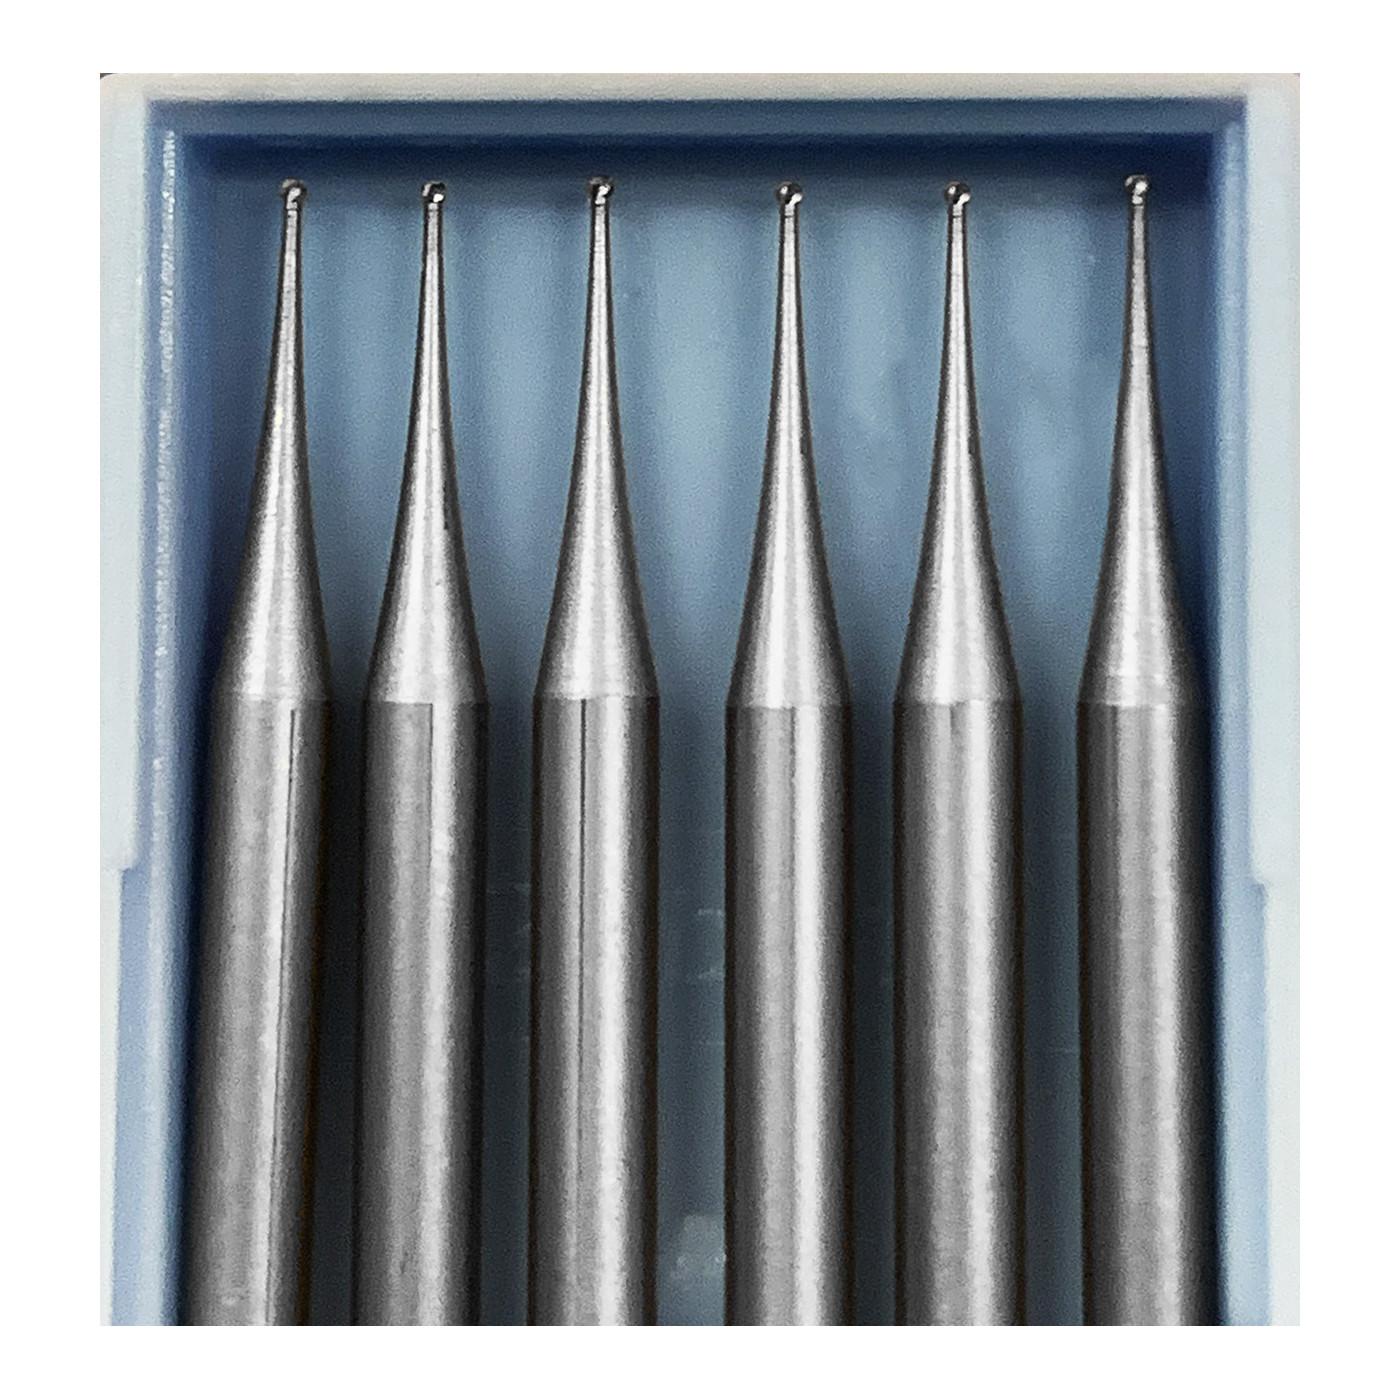 6 mini frezów HSS, 0,5x40 mm (tylko głowica kulowa)  - 1